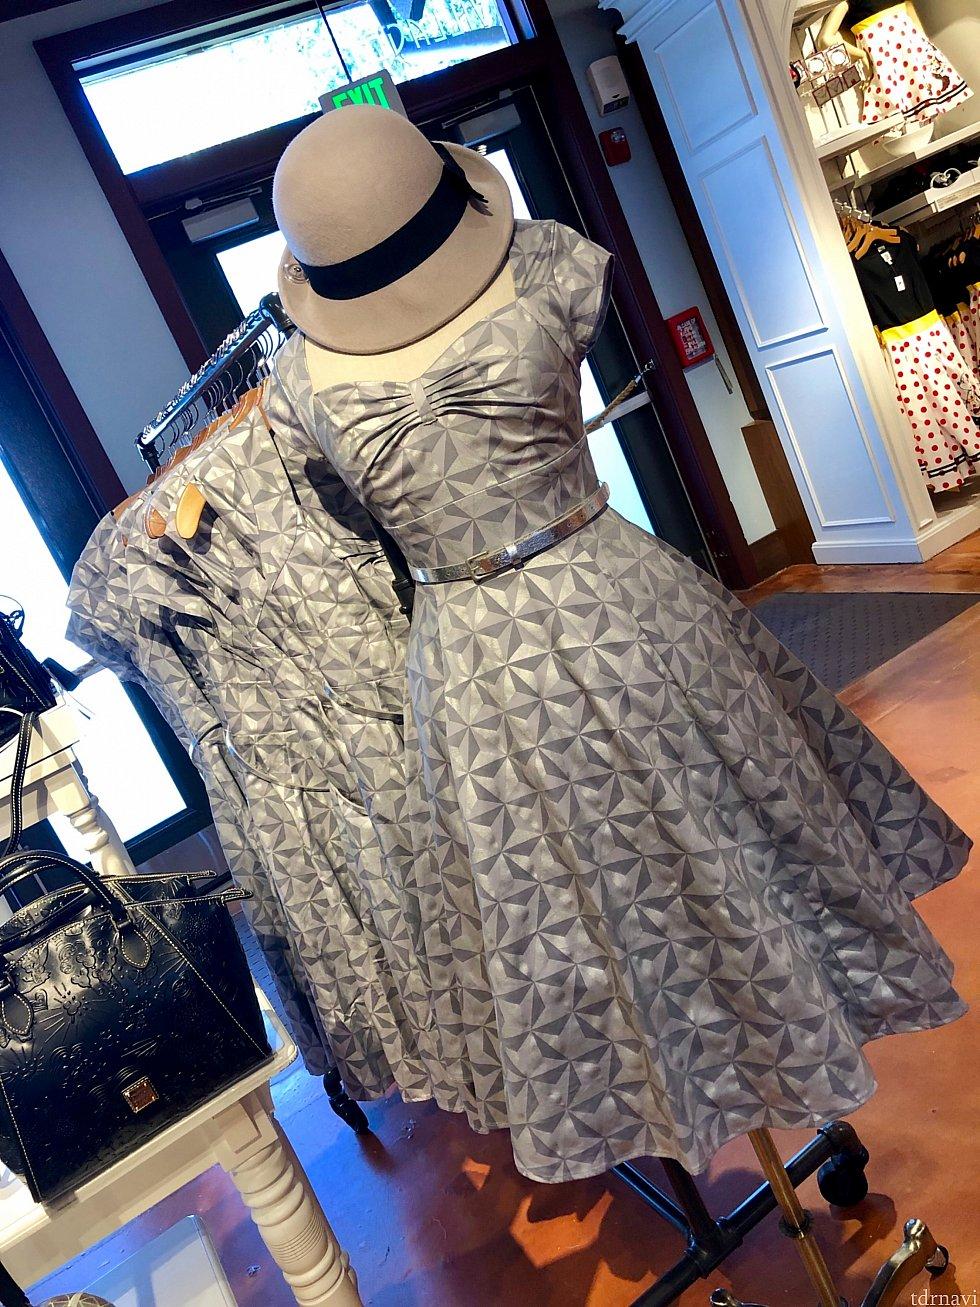 最後のシルバーのドレス良く柄をみてください。WDWならではの、エプコットのシンボルである「スペースシップアース」パターンのドレス。こちらも良いですね。